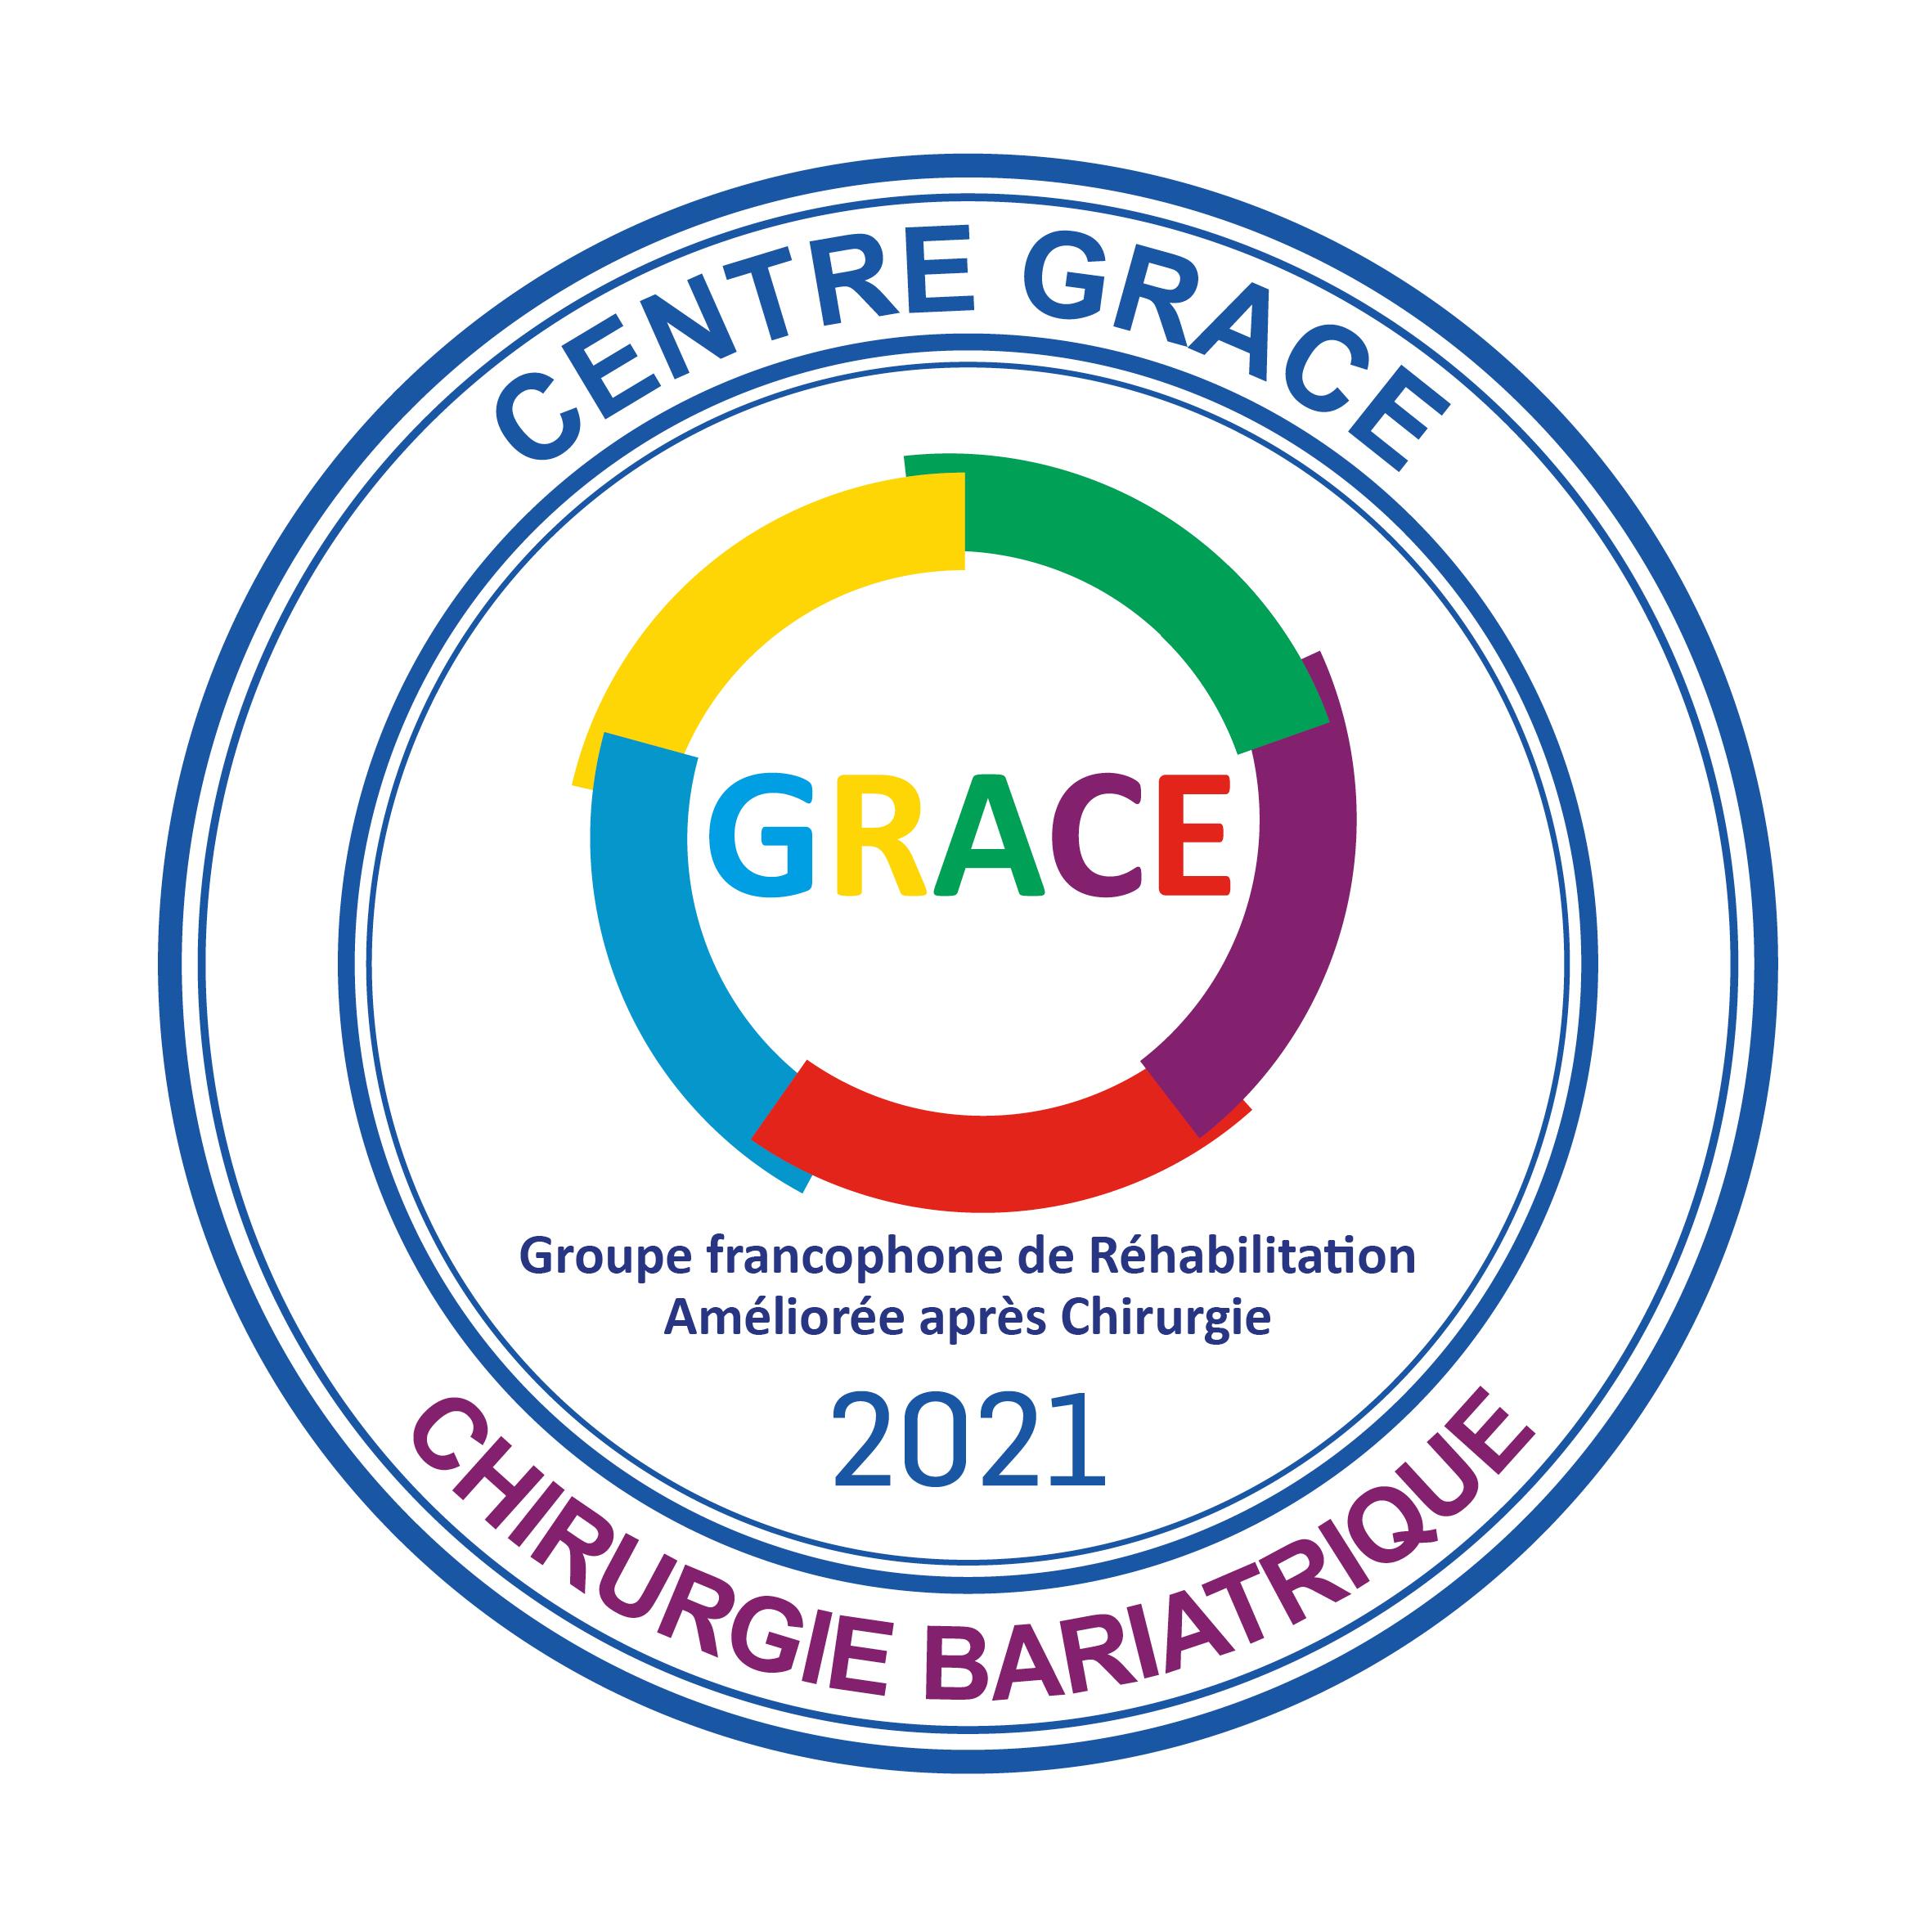 La Clinique renouvelle son label GRACE pour la chirurgie Bariatrique